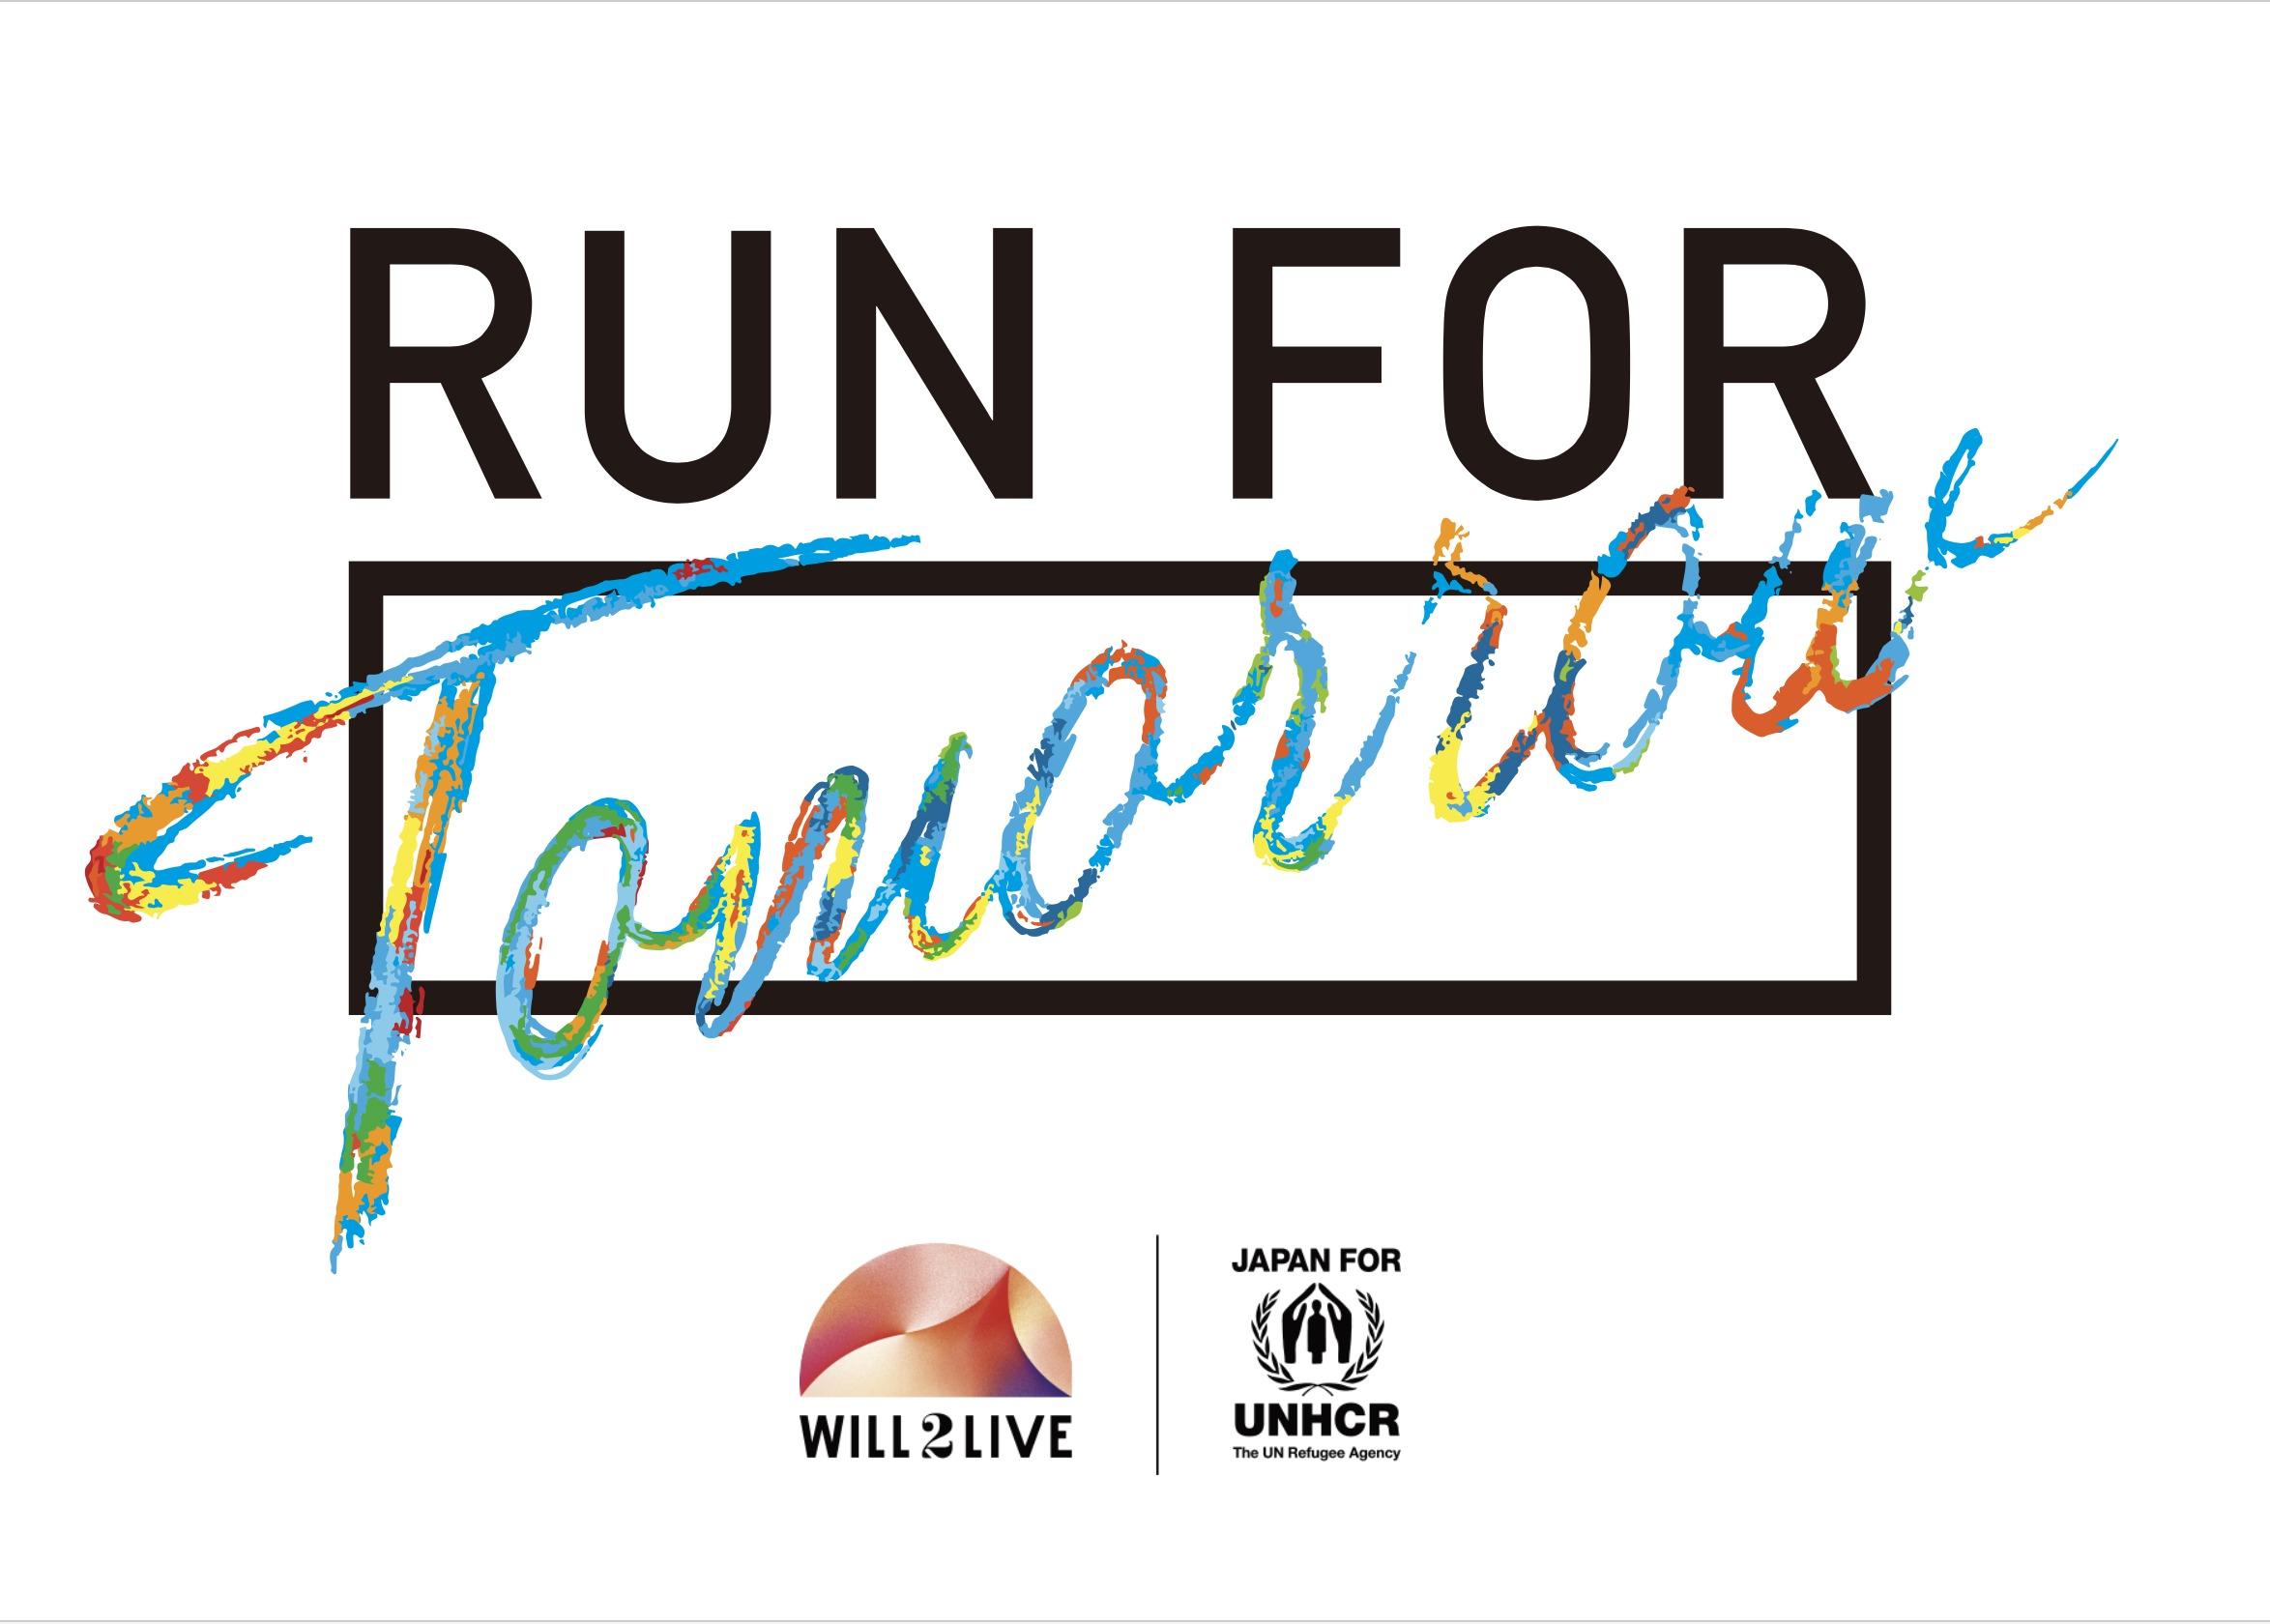 国連UNHCR協会「RUN FOR Tomorrow キャンペーン」